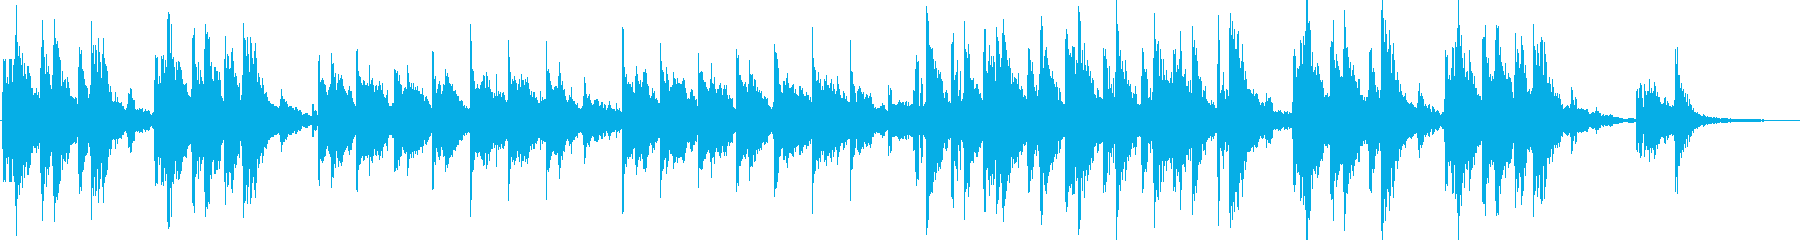 眠りにつくイメージの再生済みの波形